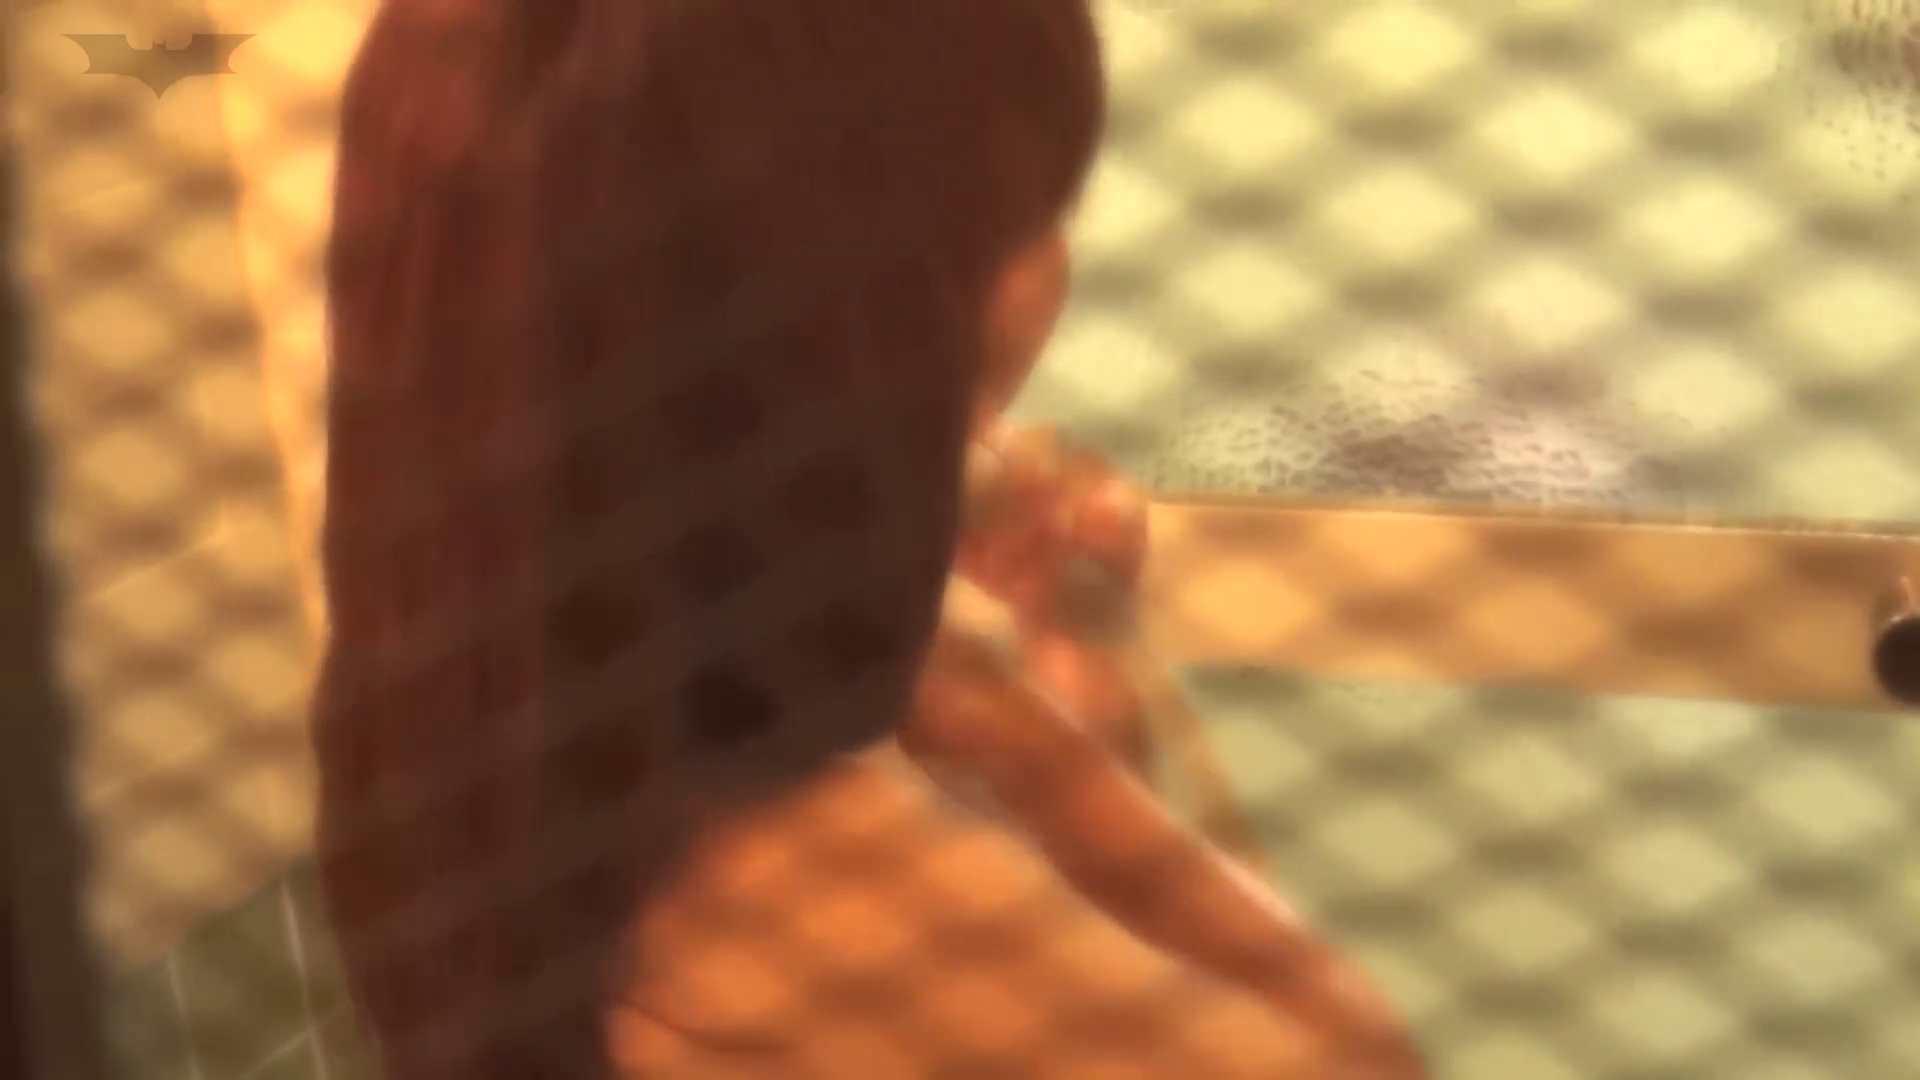 *華の女子寮ノゾキ* vol.01 JDデビューした音楽専攻のコ OLのボディ | 女子寮  108PIX 55